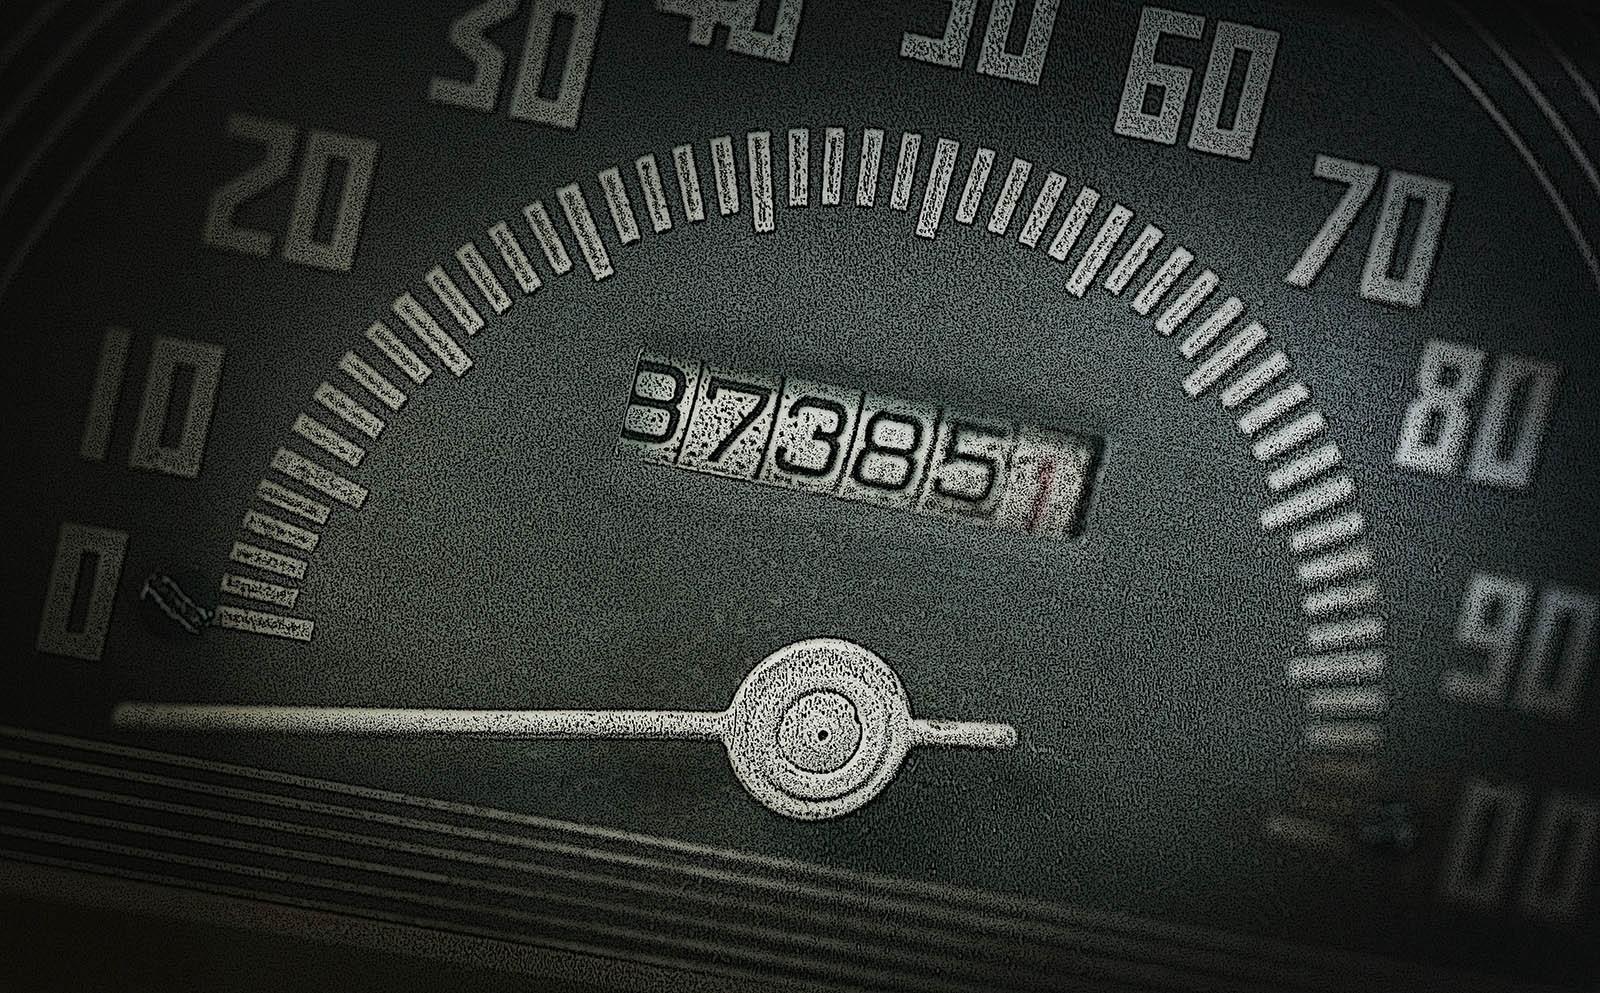 Automama: 55% автомобилей на вторичном рынке – со «скрученным» пробегом авто,авто и мото,автосамоделки,водителю на заметку,машины,новости автомира,ремонт,Россия,тюнинг